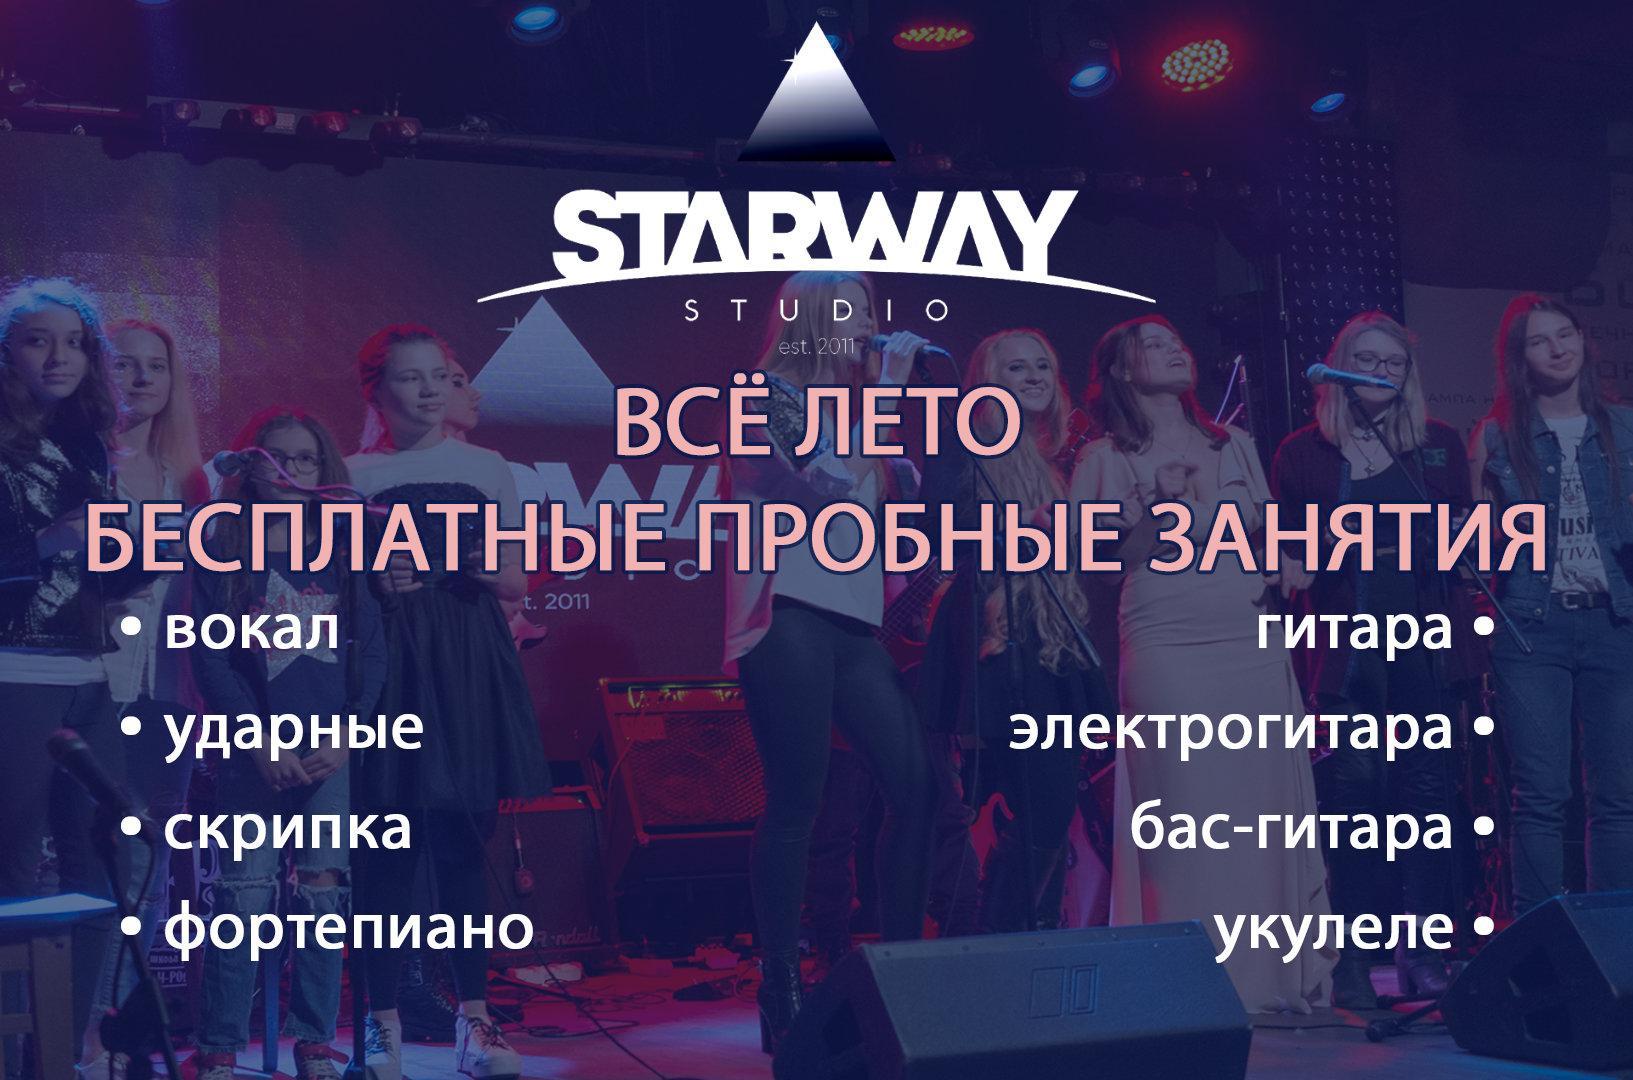 фотография Музыкальной школы-студии STARWAY